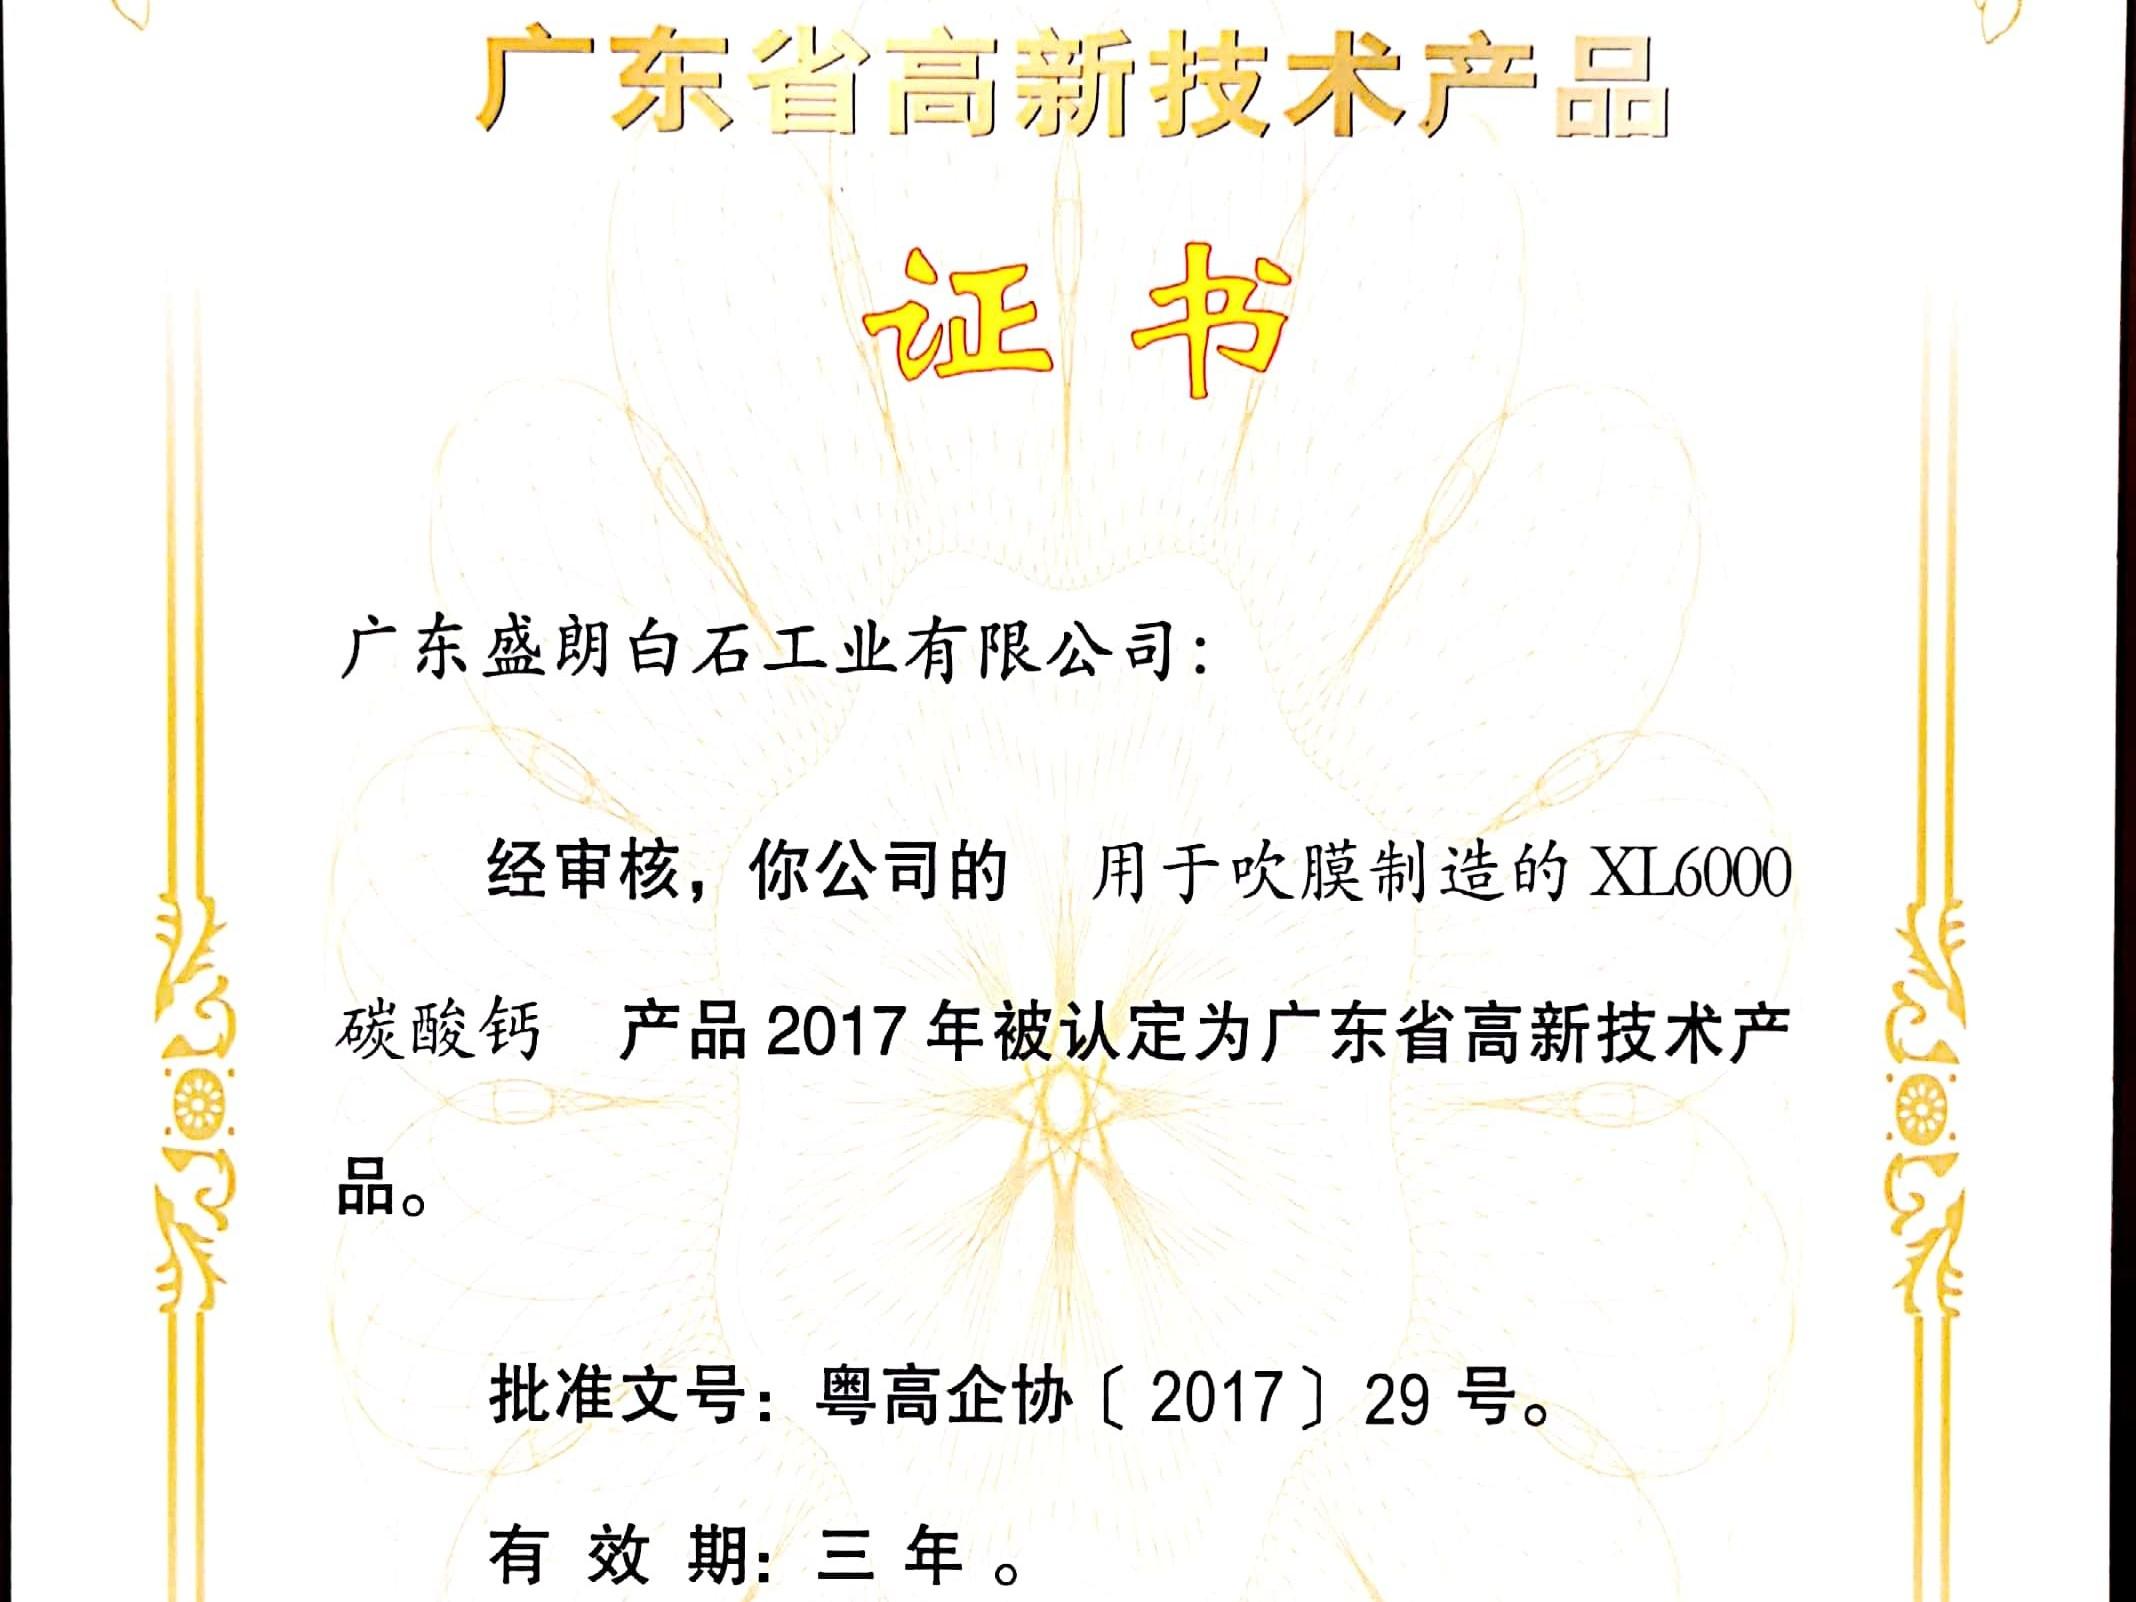 盛朗白石-XL6000高新技术证书